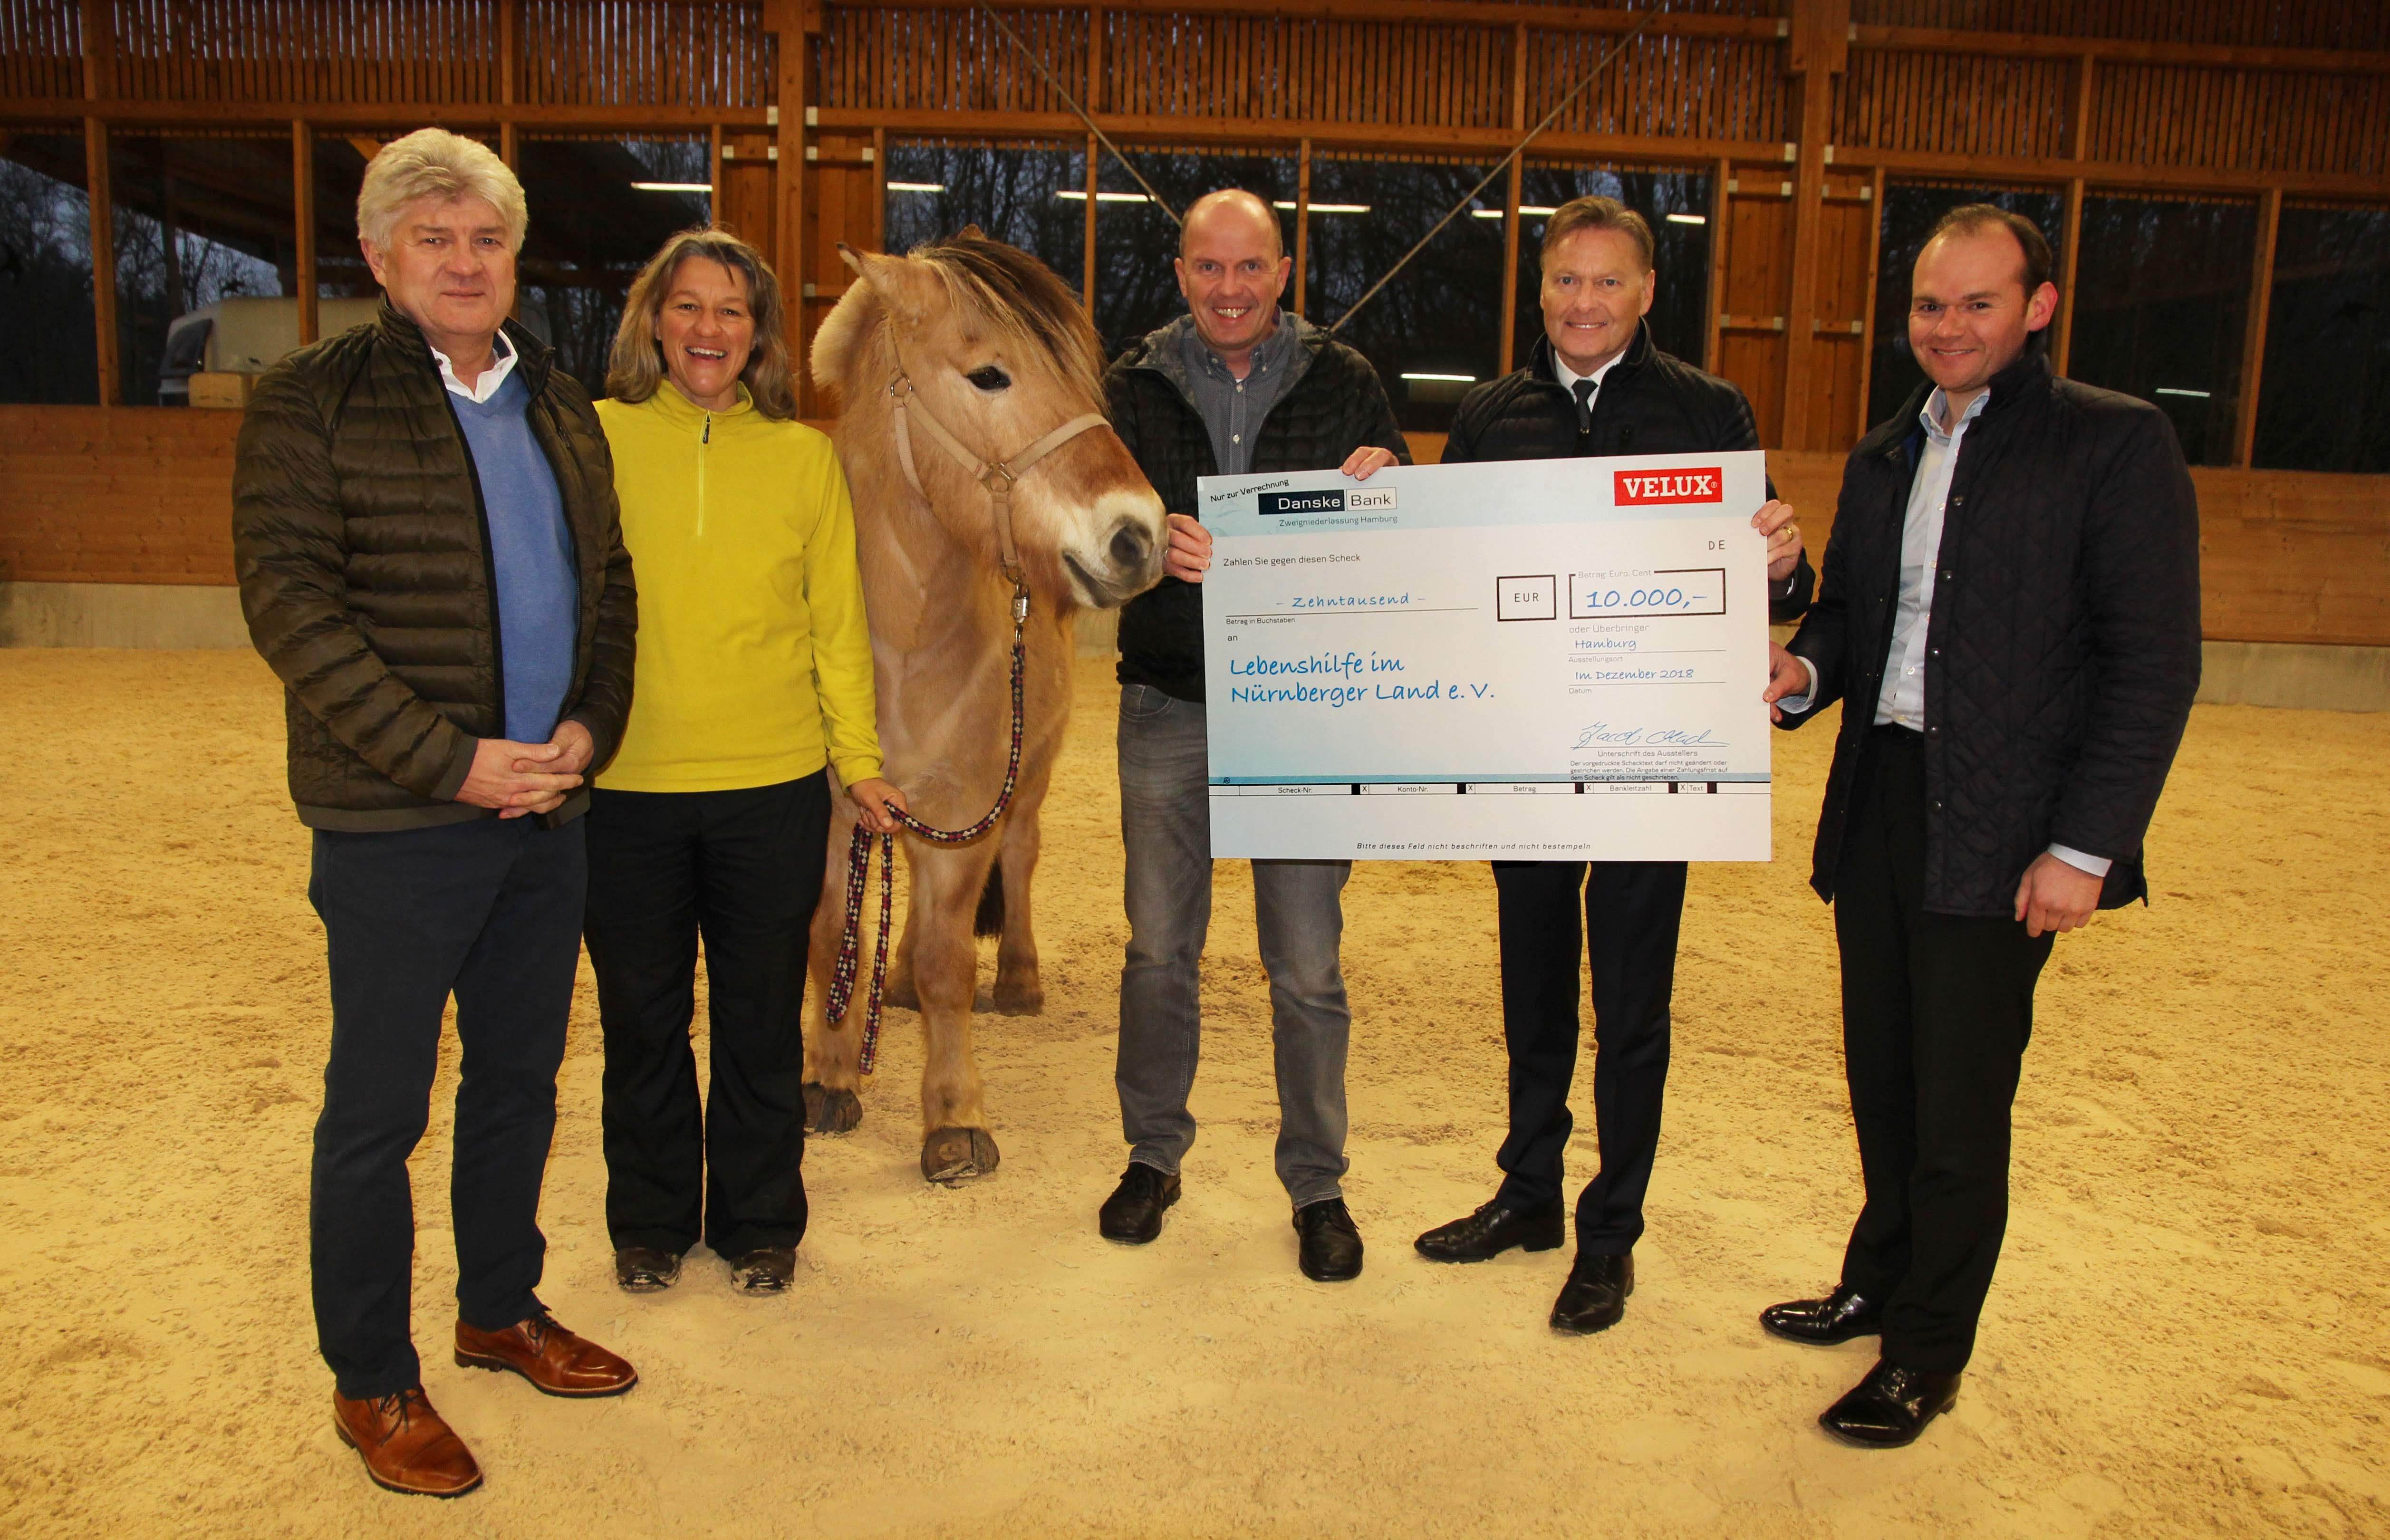 10.000 Euro-VELUX Weihnachtsspende kommt der Arbeit im Reittherapiezentrum der Lebenshilfe Nürnberger Land e. V. zu Gute.